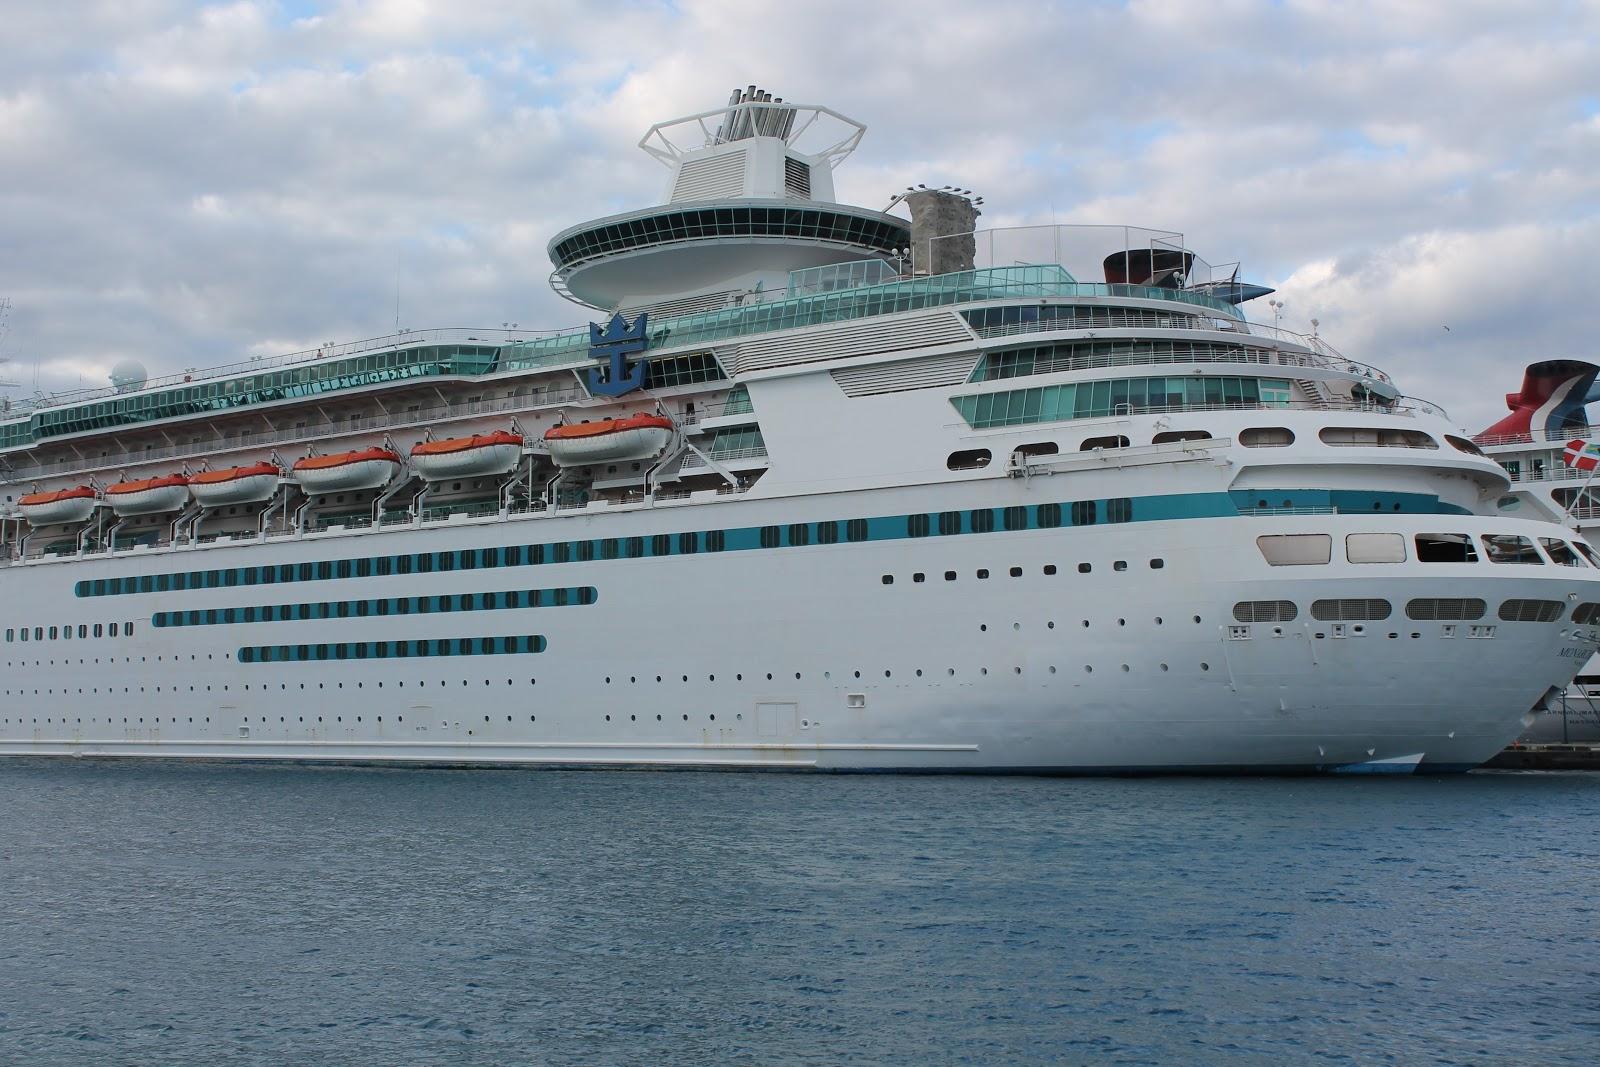 Bahamas Anniversary Cruise